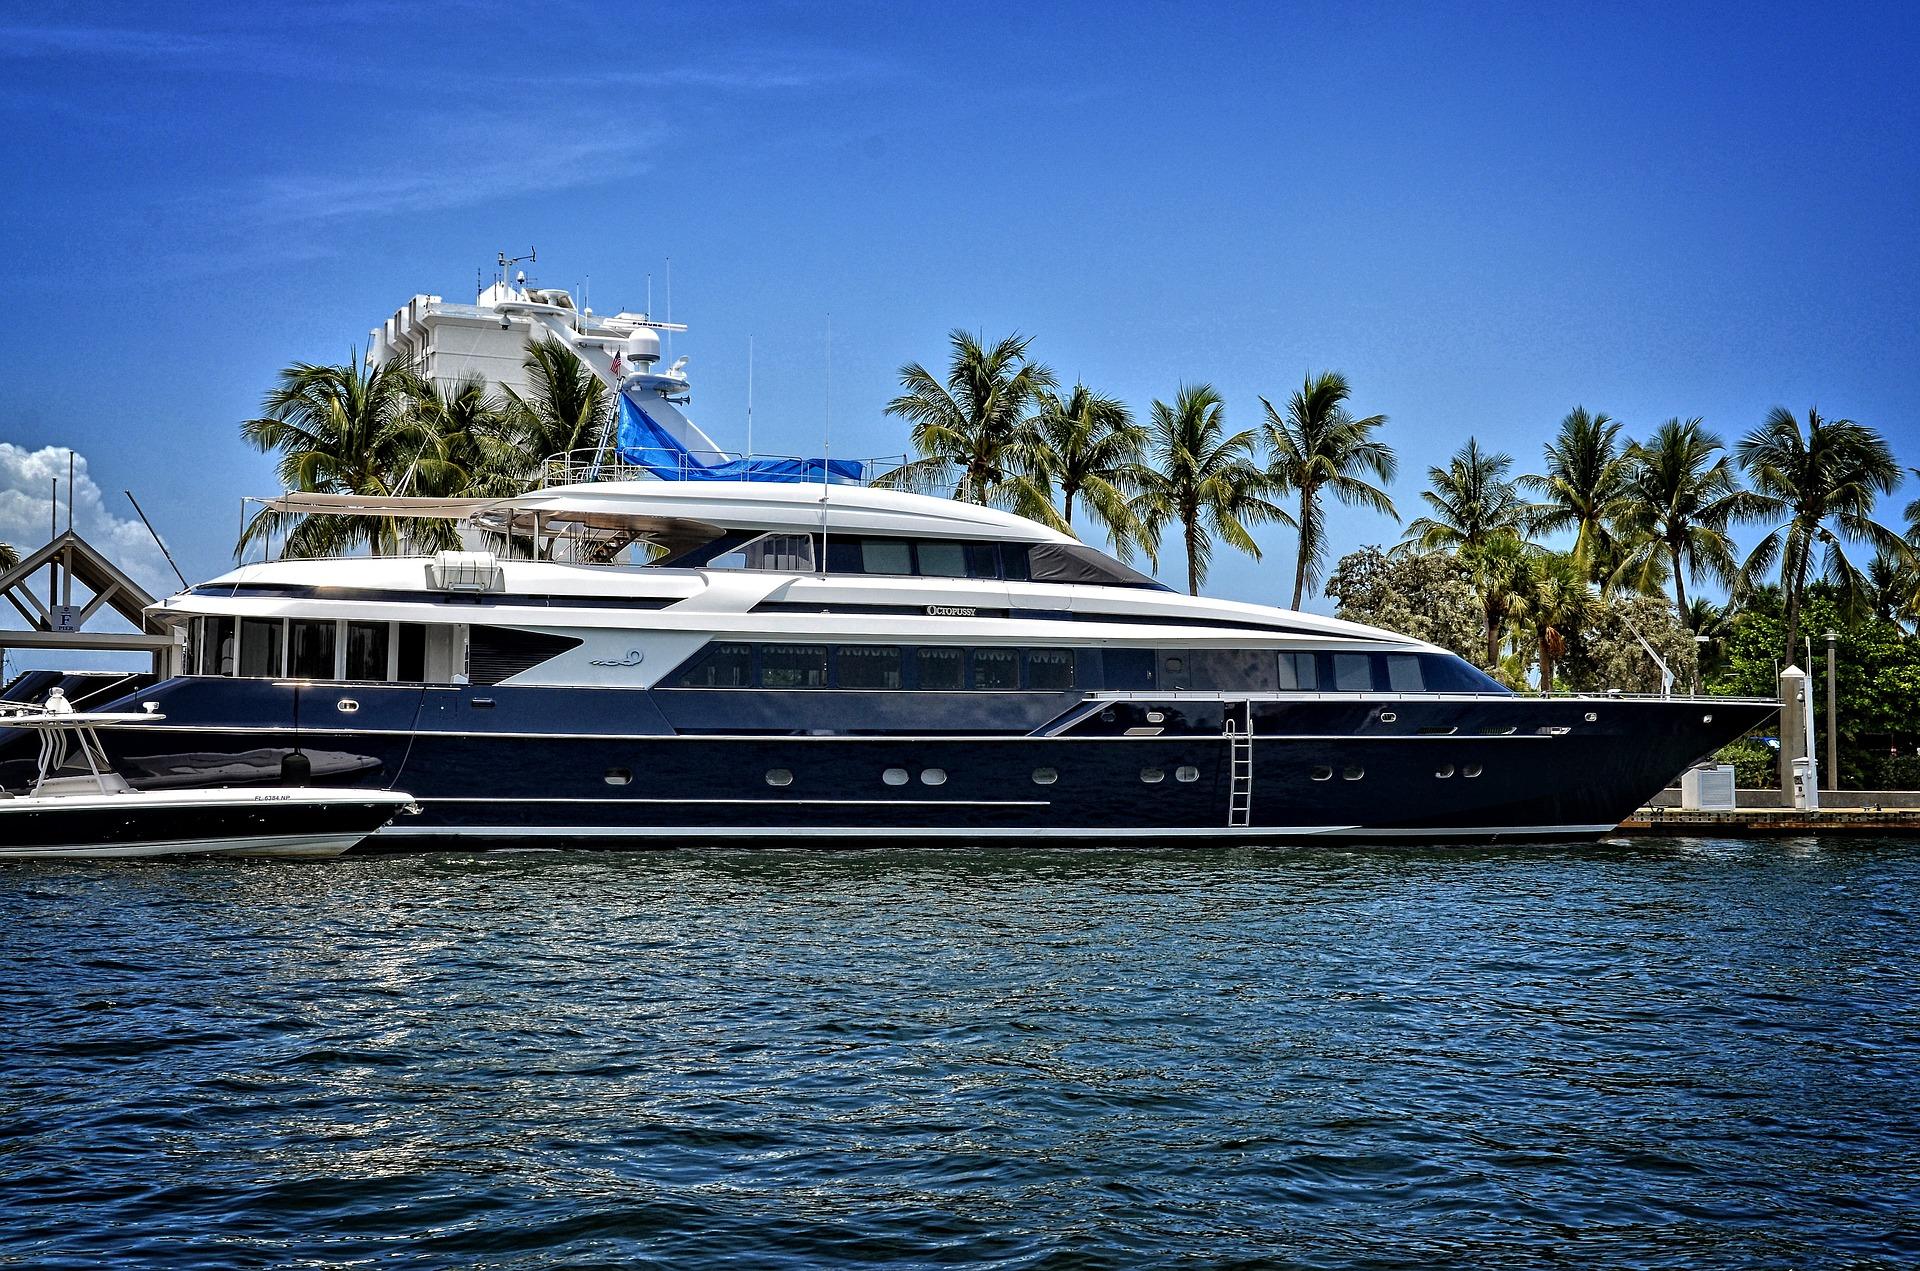 $1 Million yacht